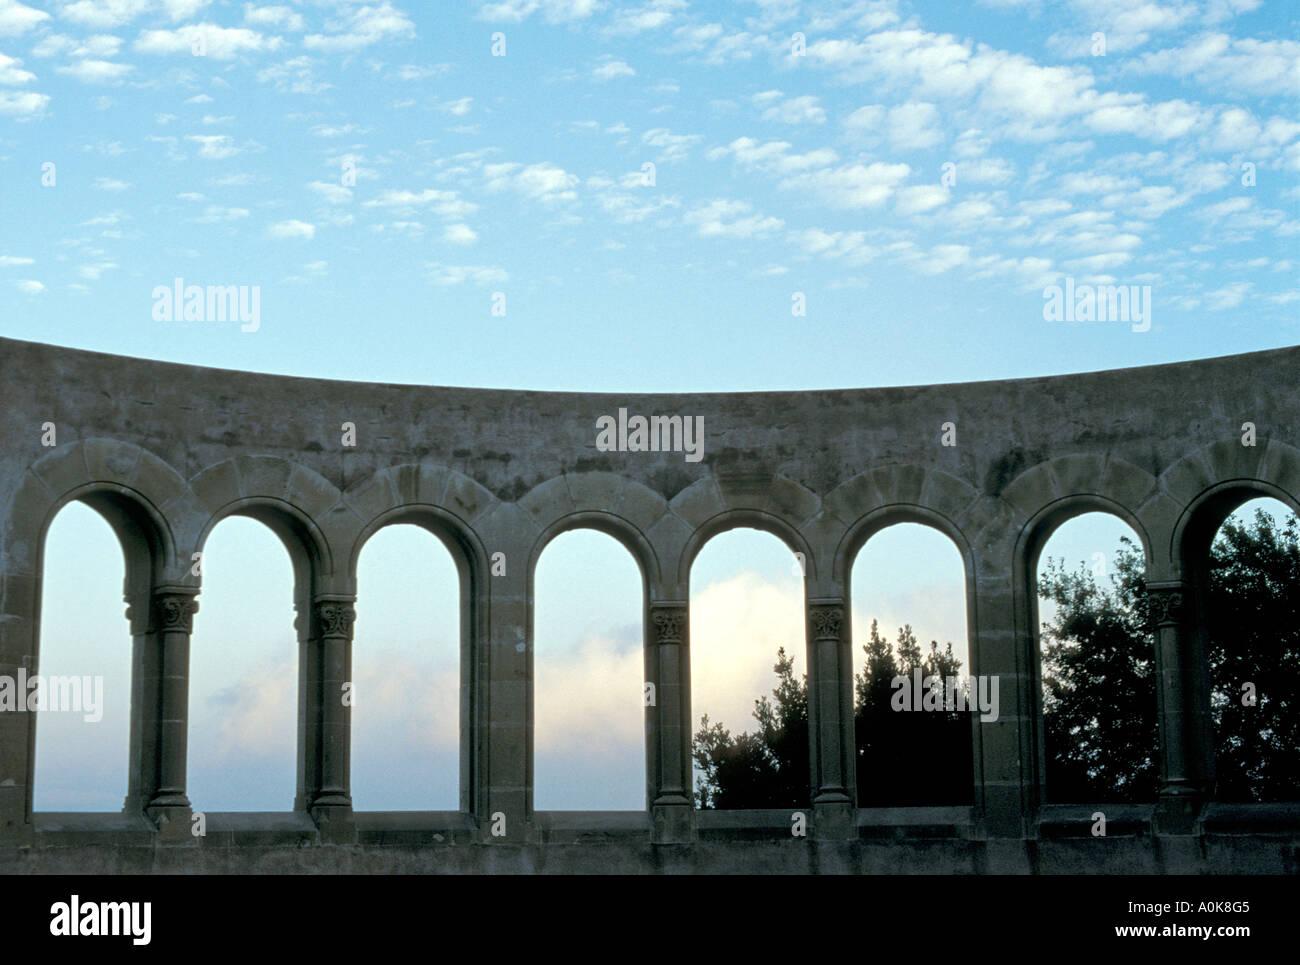 Roman style arches, El Valle De Los Caídos (Valley of the Fallen ...